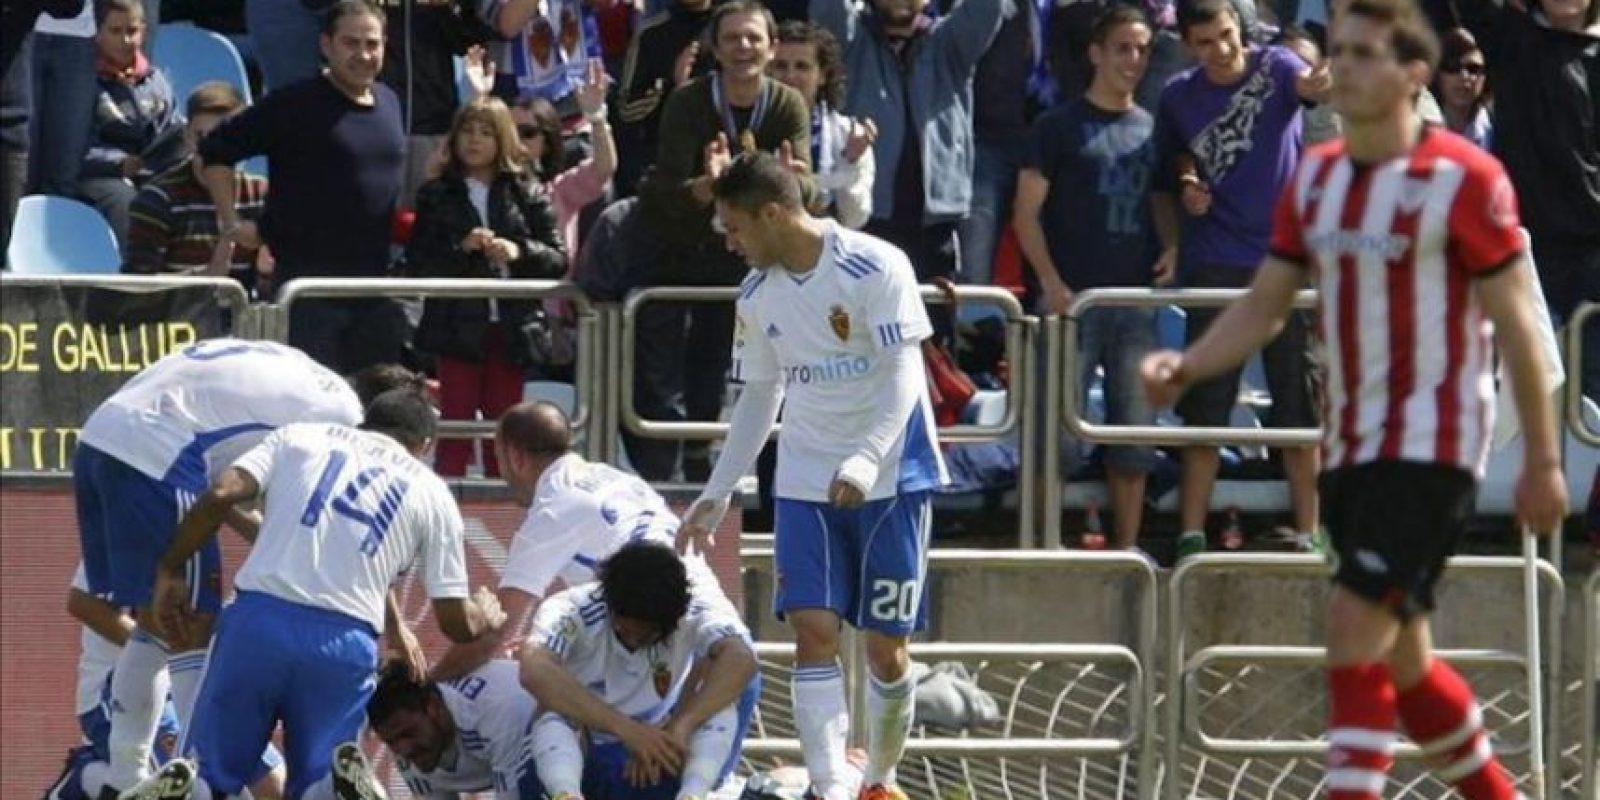 Los jugadores del Real Zaragoza celebran el primer gol, anotado por Edu Oriol, durante el partido, correspondiente a la trigésimo sexta jornada de Liga de Primera División, que han disputado ante el Athletic de Bilbao en el estadio de La Romareda. EFE